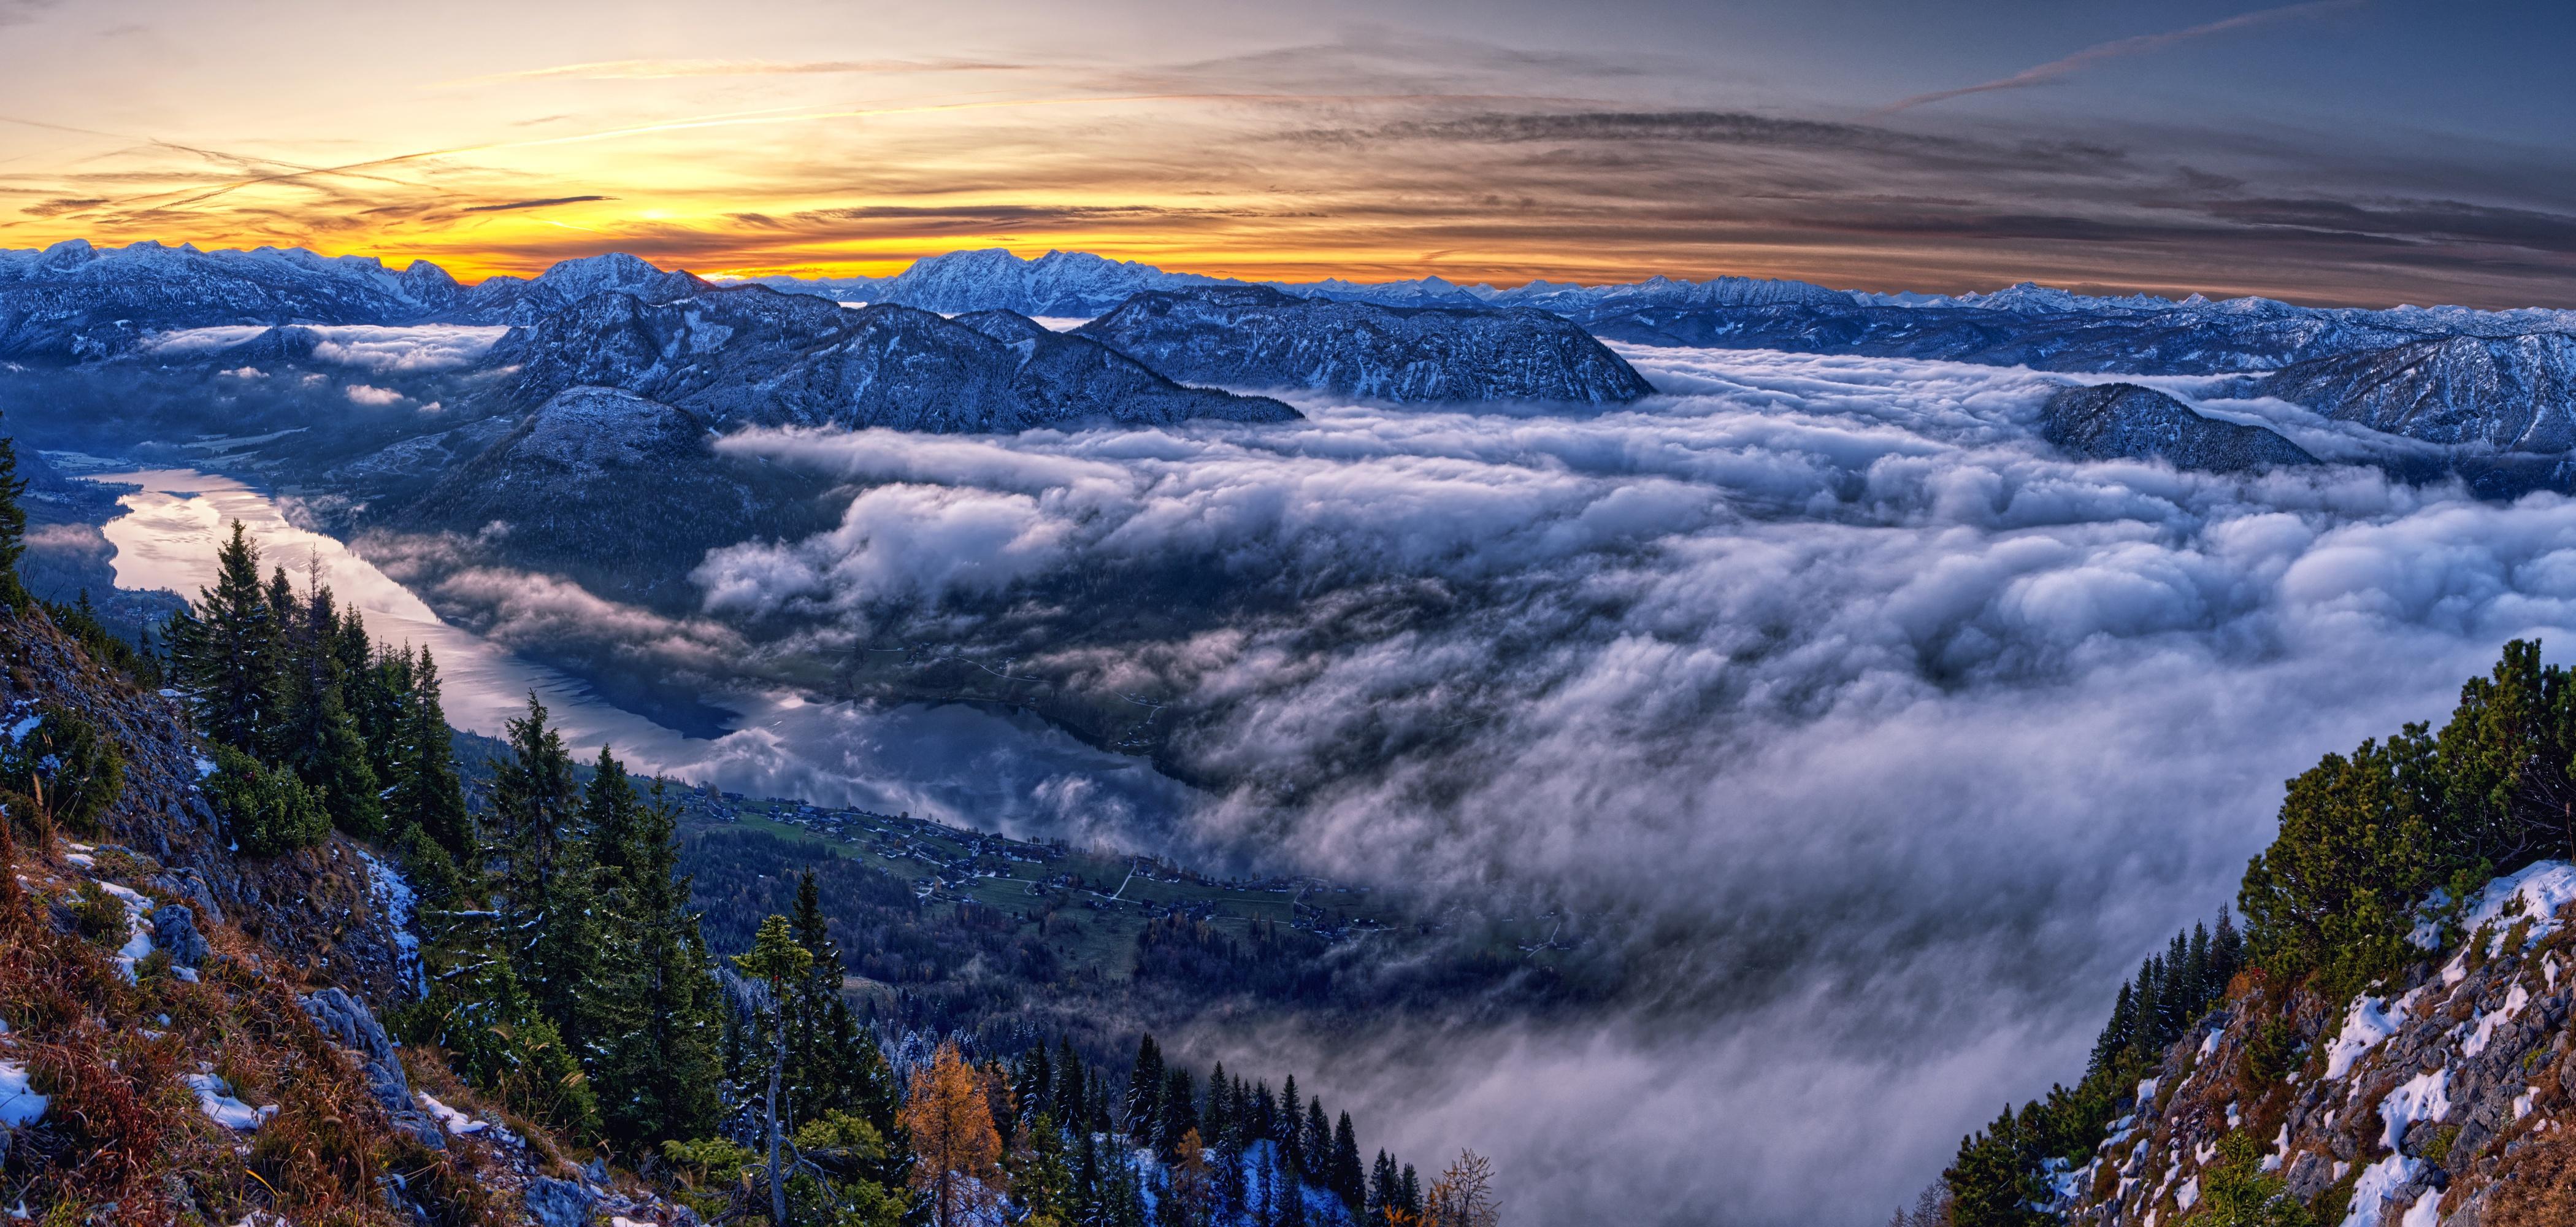 austria cloud horizon landscape mountain nature panorama shoot 4k 1602606095 - Austria Cloud Horizon Landscape Mountain Nature Panorama Shoot 4k - Austria Cloud Horizon Landscape Mountain Nature Panorama Shoot 4k wallpapers